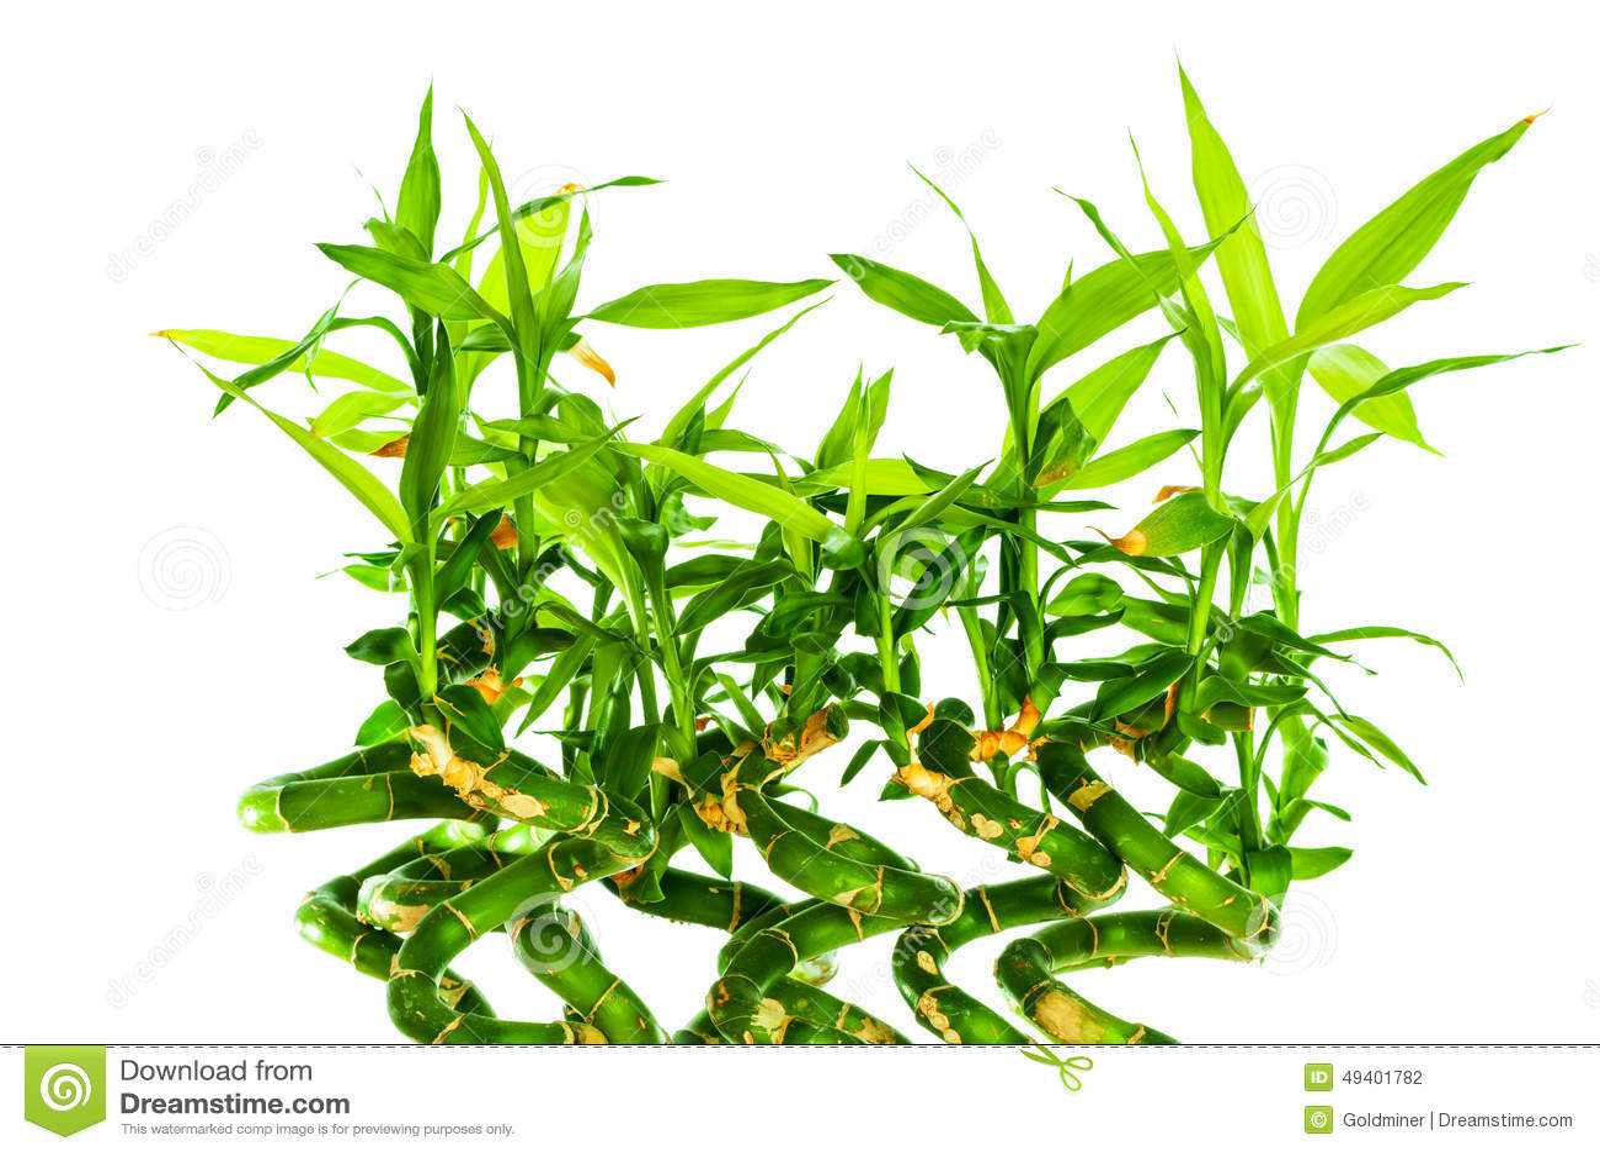 Download Frischer Bambus stockfoto. Bild von nahaufnahme, kultiviert - 49401782